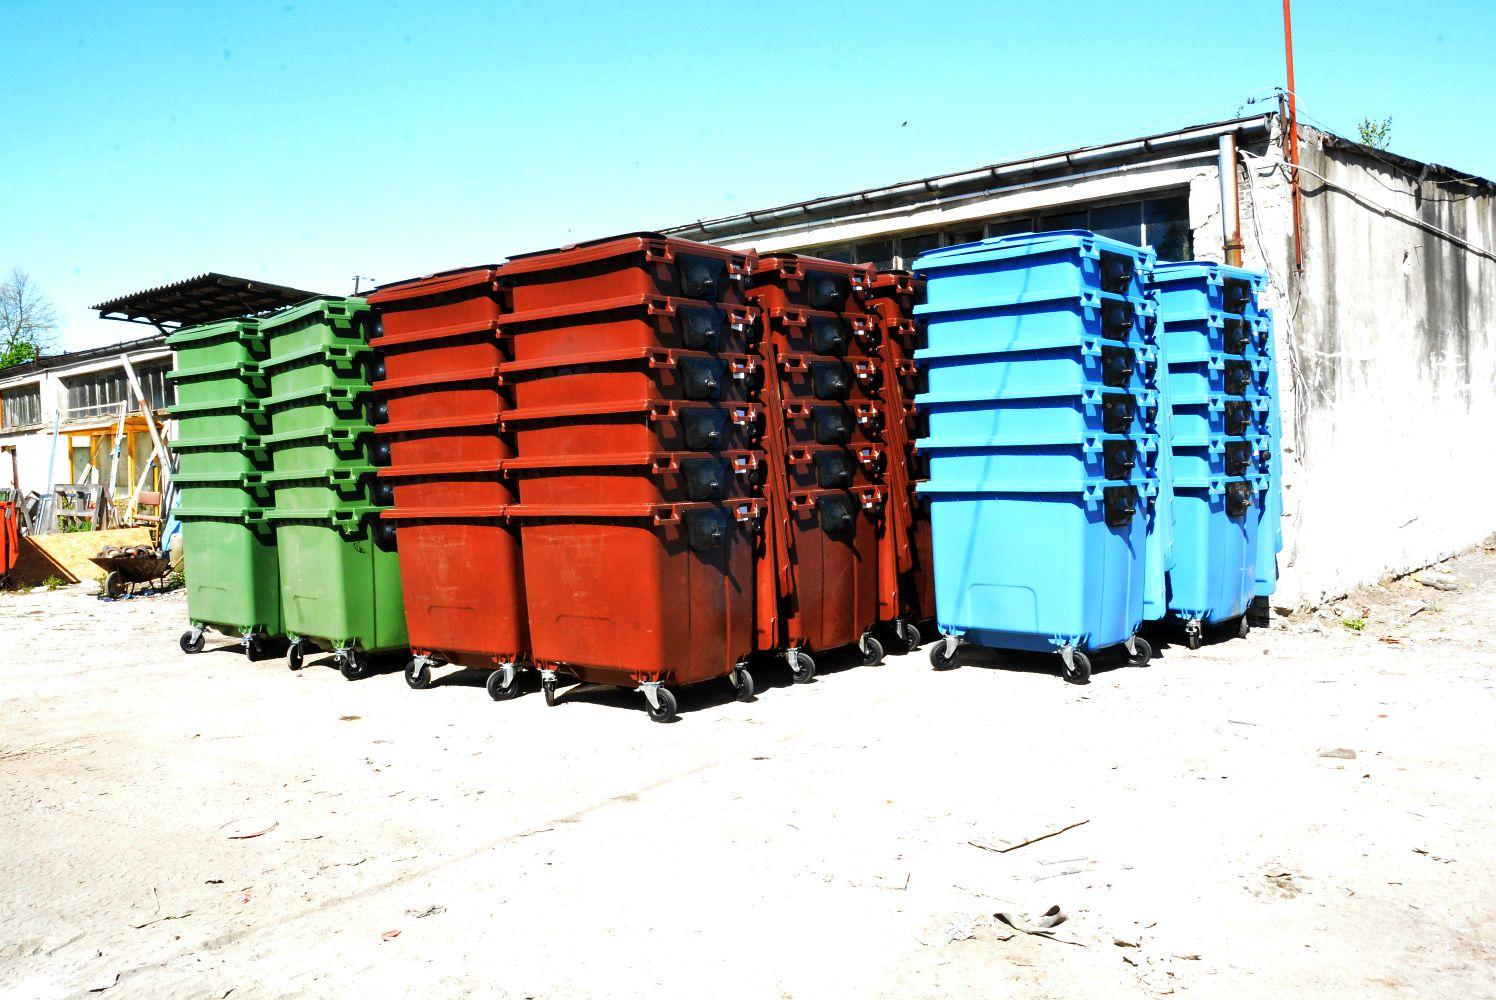 Zakup pojemników w celu usprawnienia selektywnej zbiórki odpadów